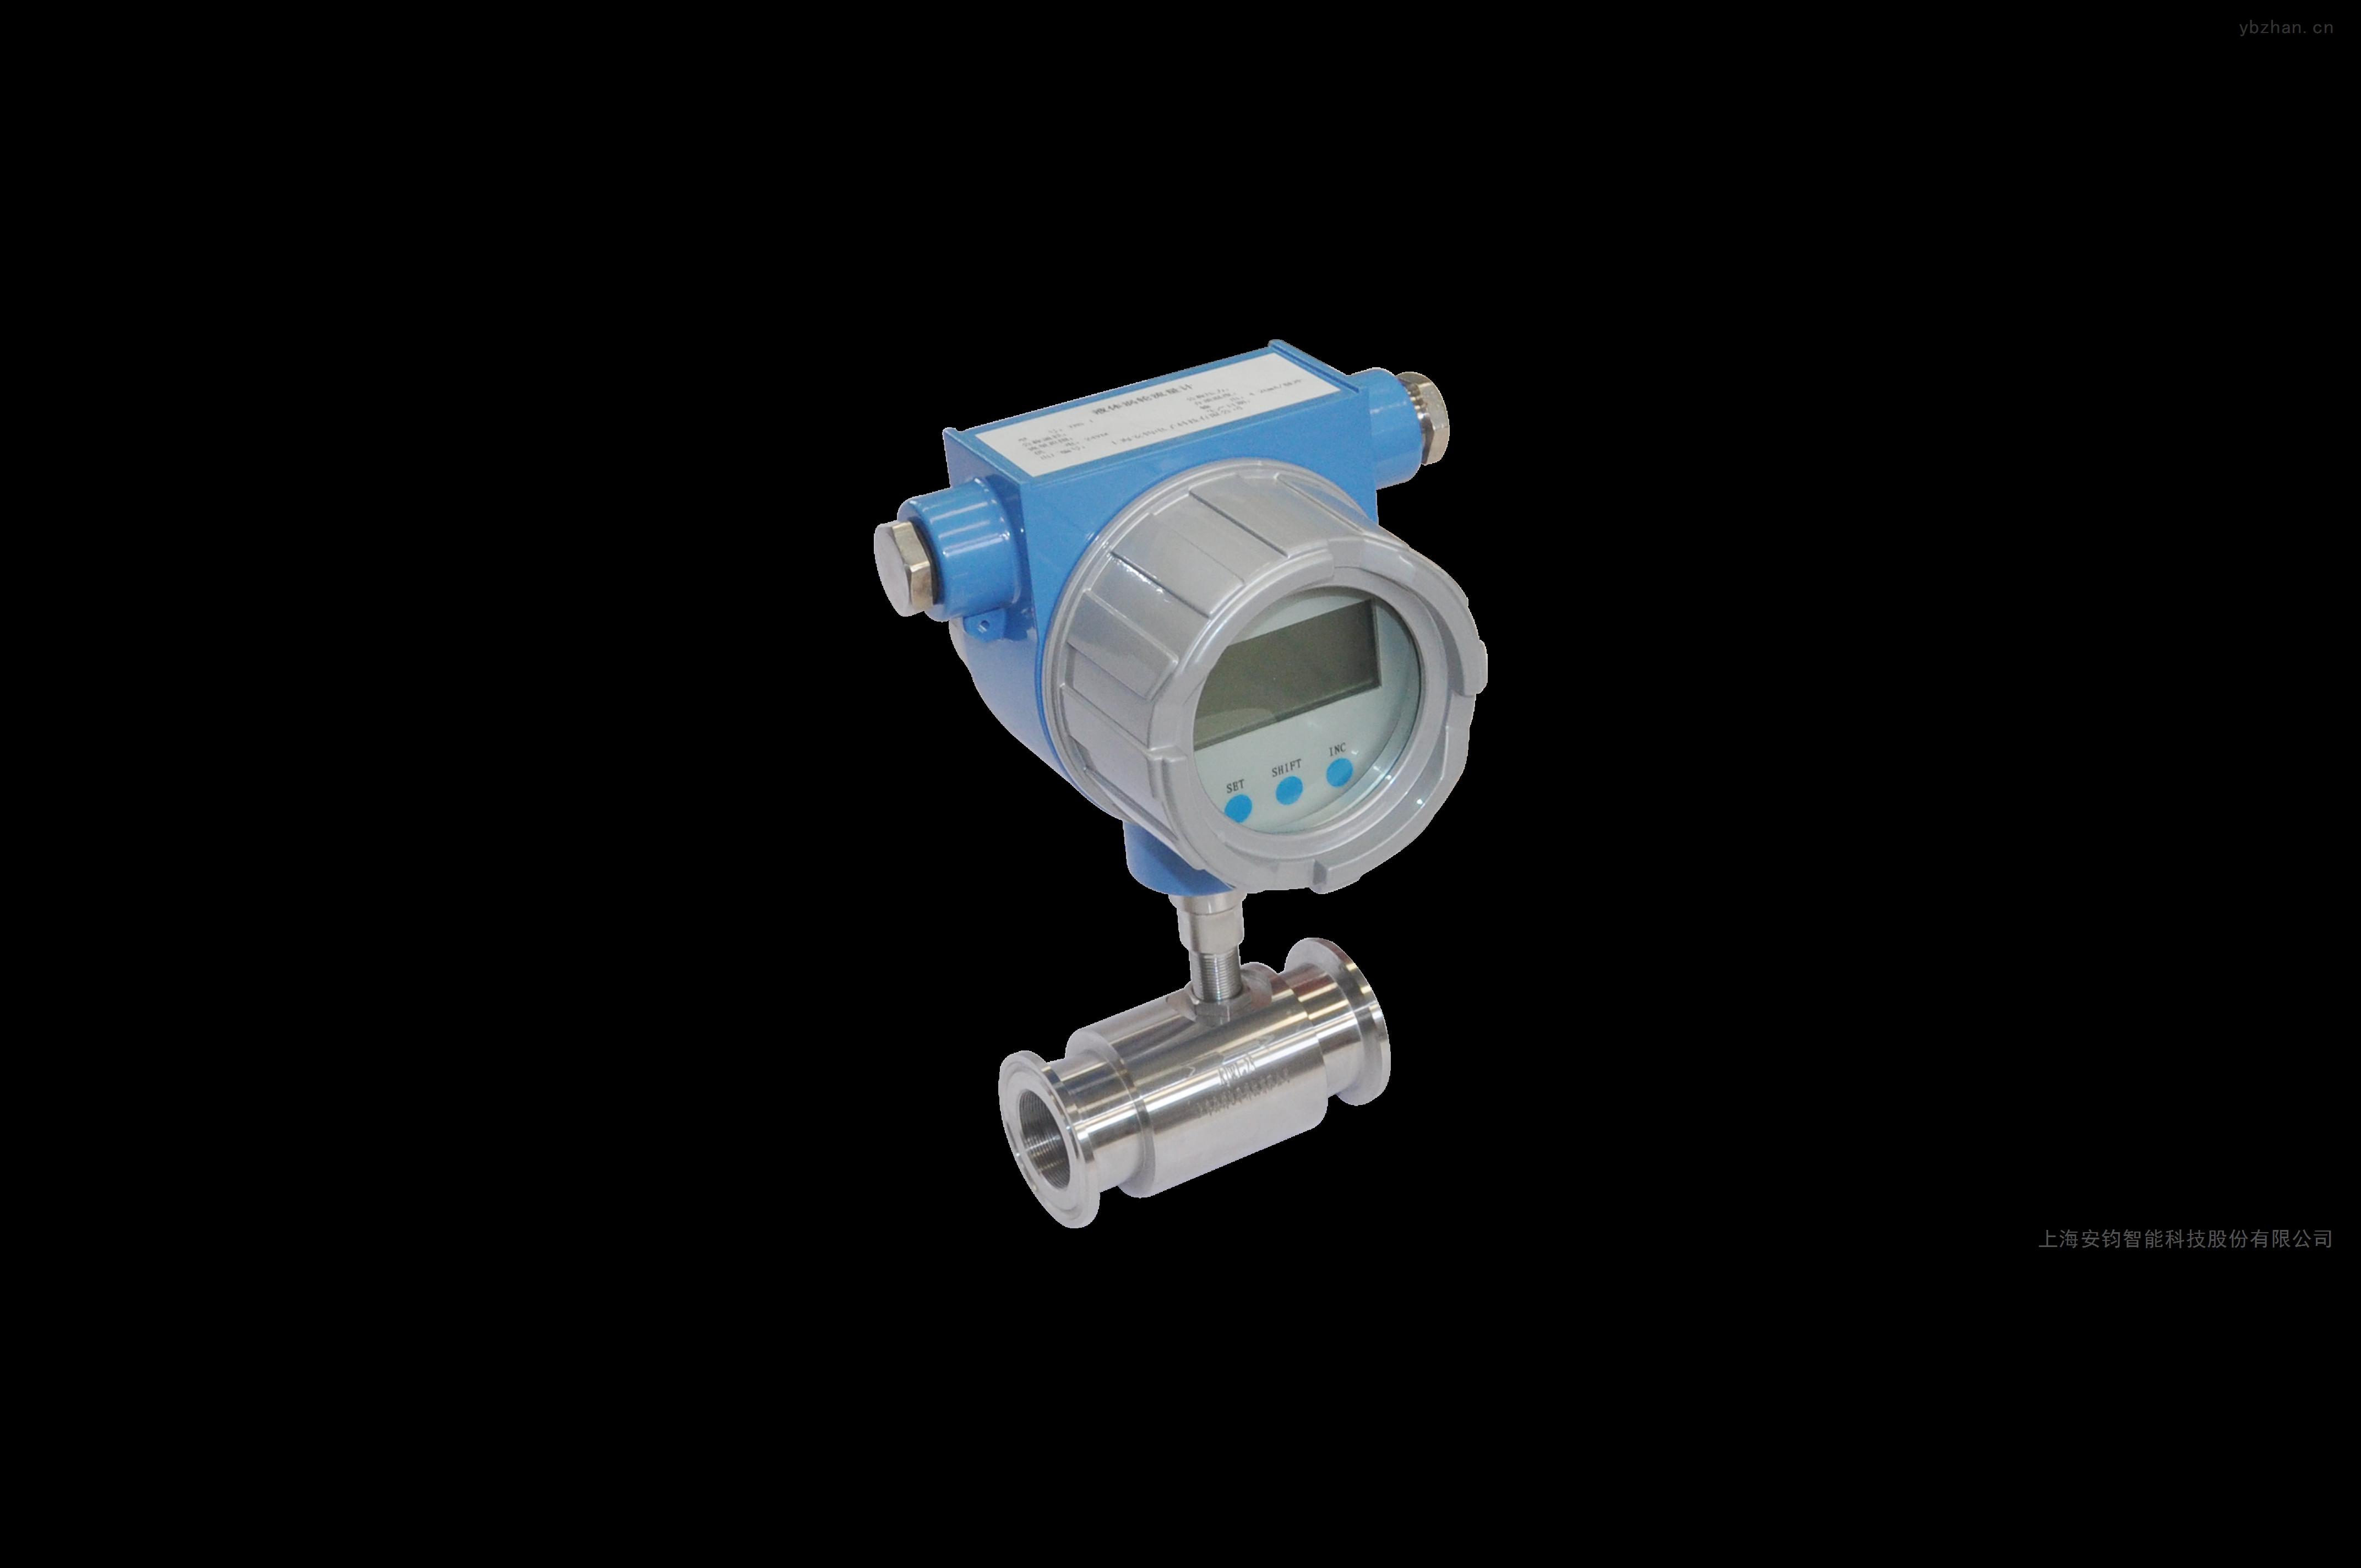 卡箍连接型液体涡轮流量计